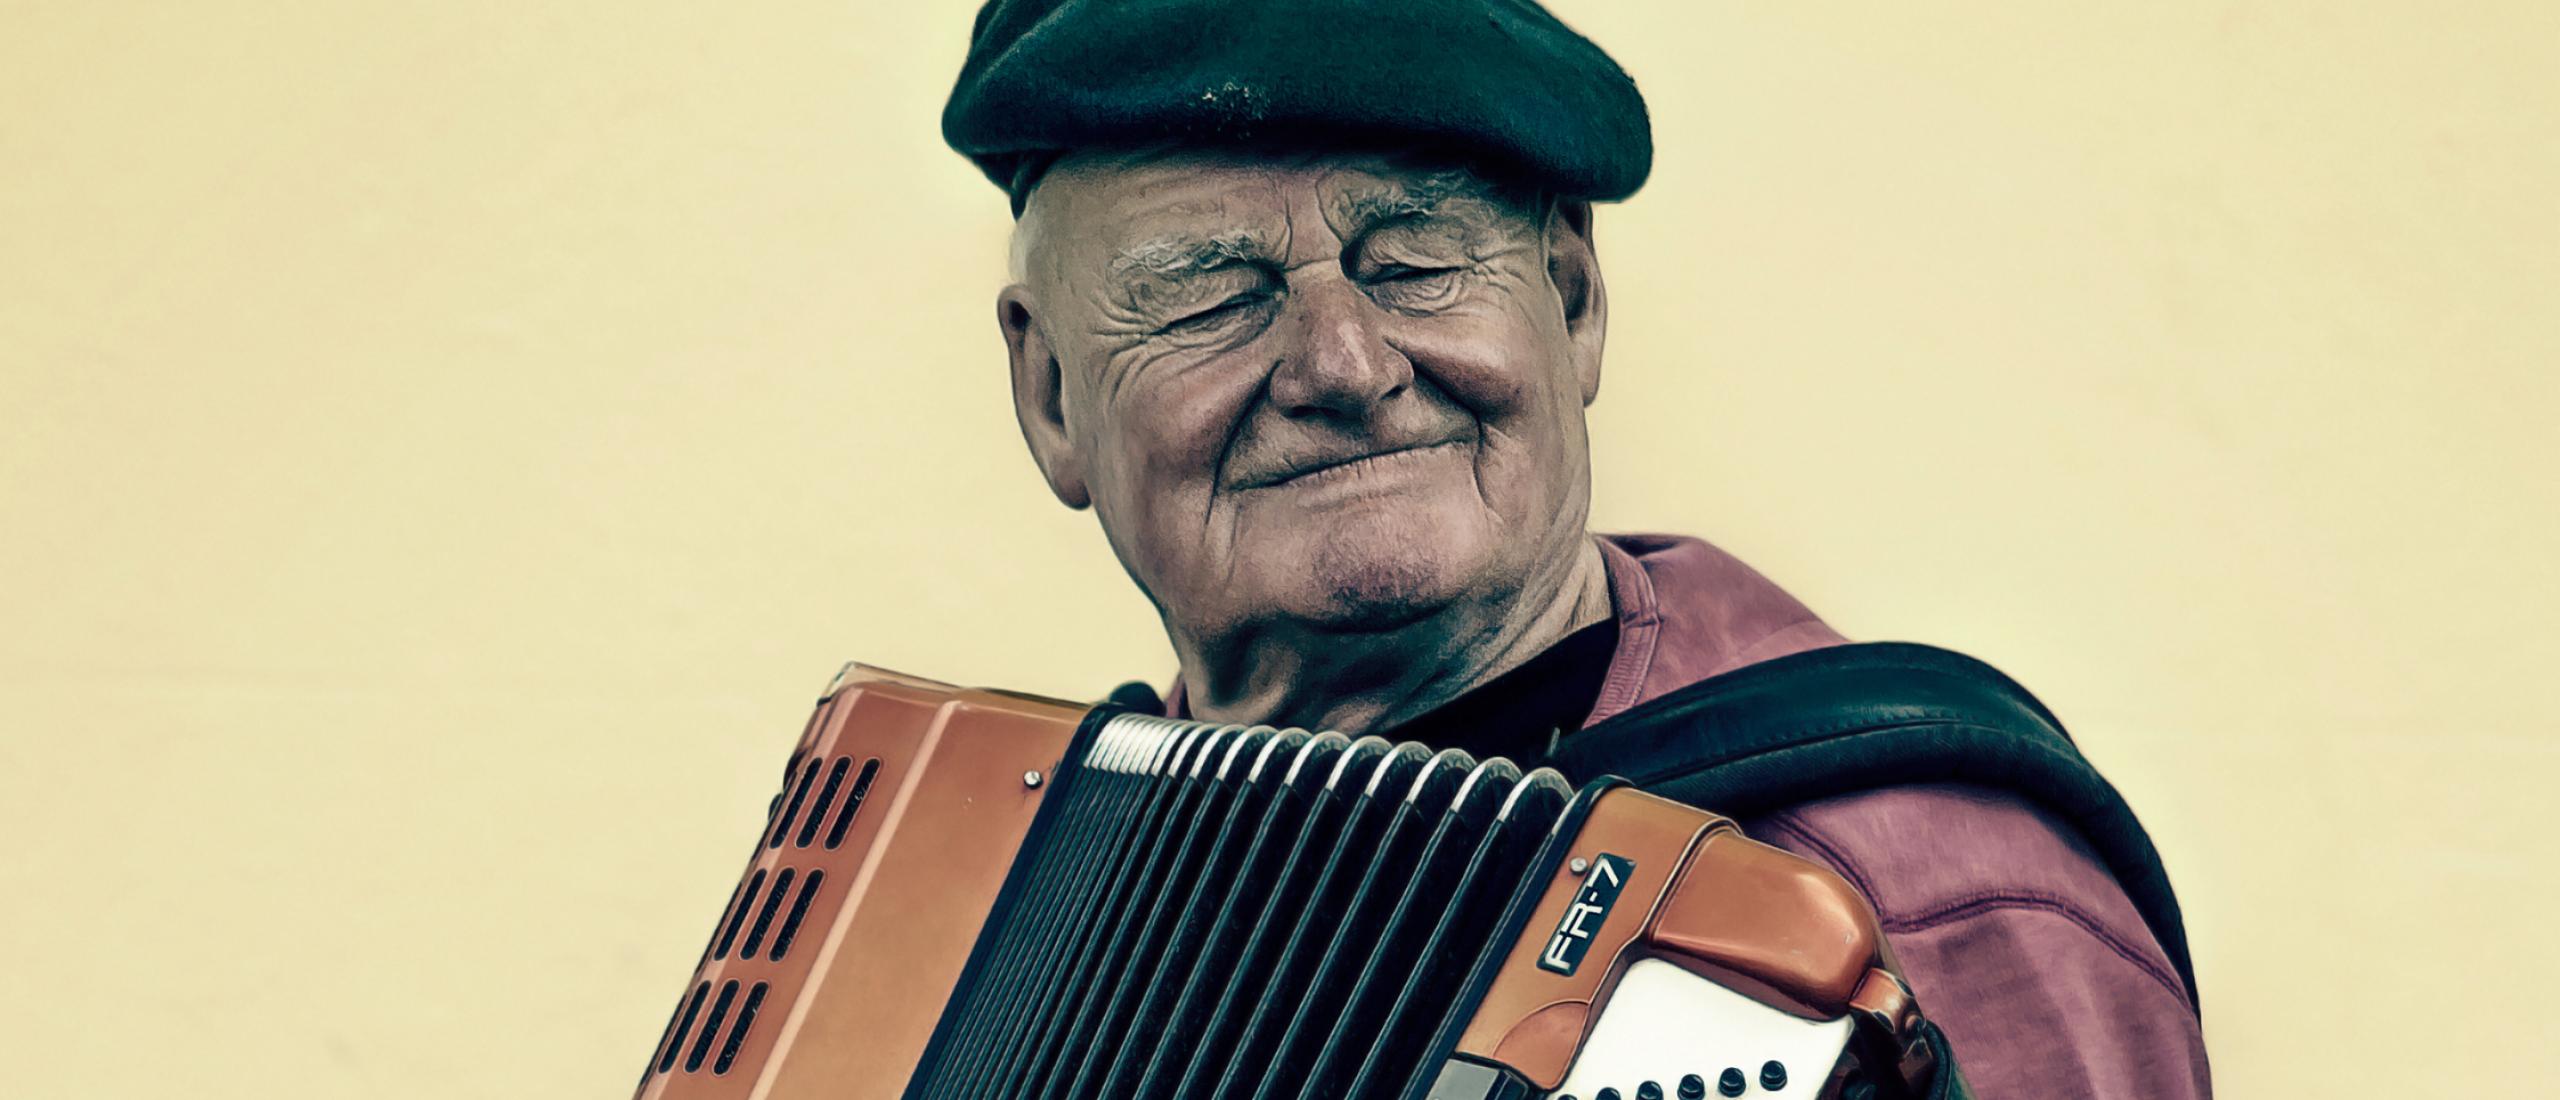 Accordeon muziek bij de uitvaart: trendy of traditioneel?